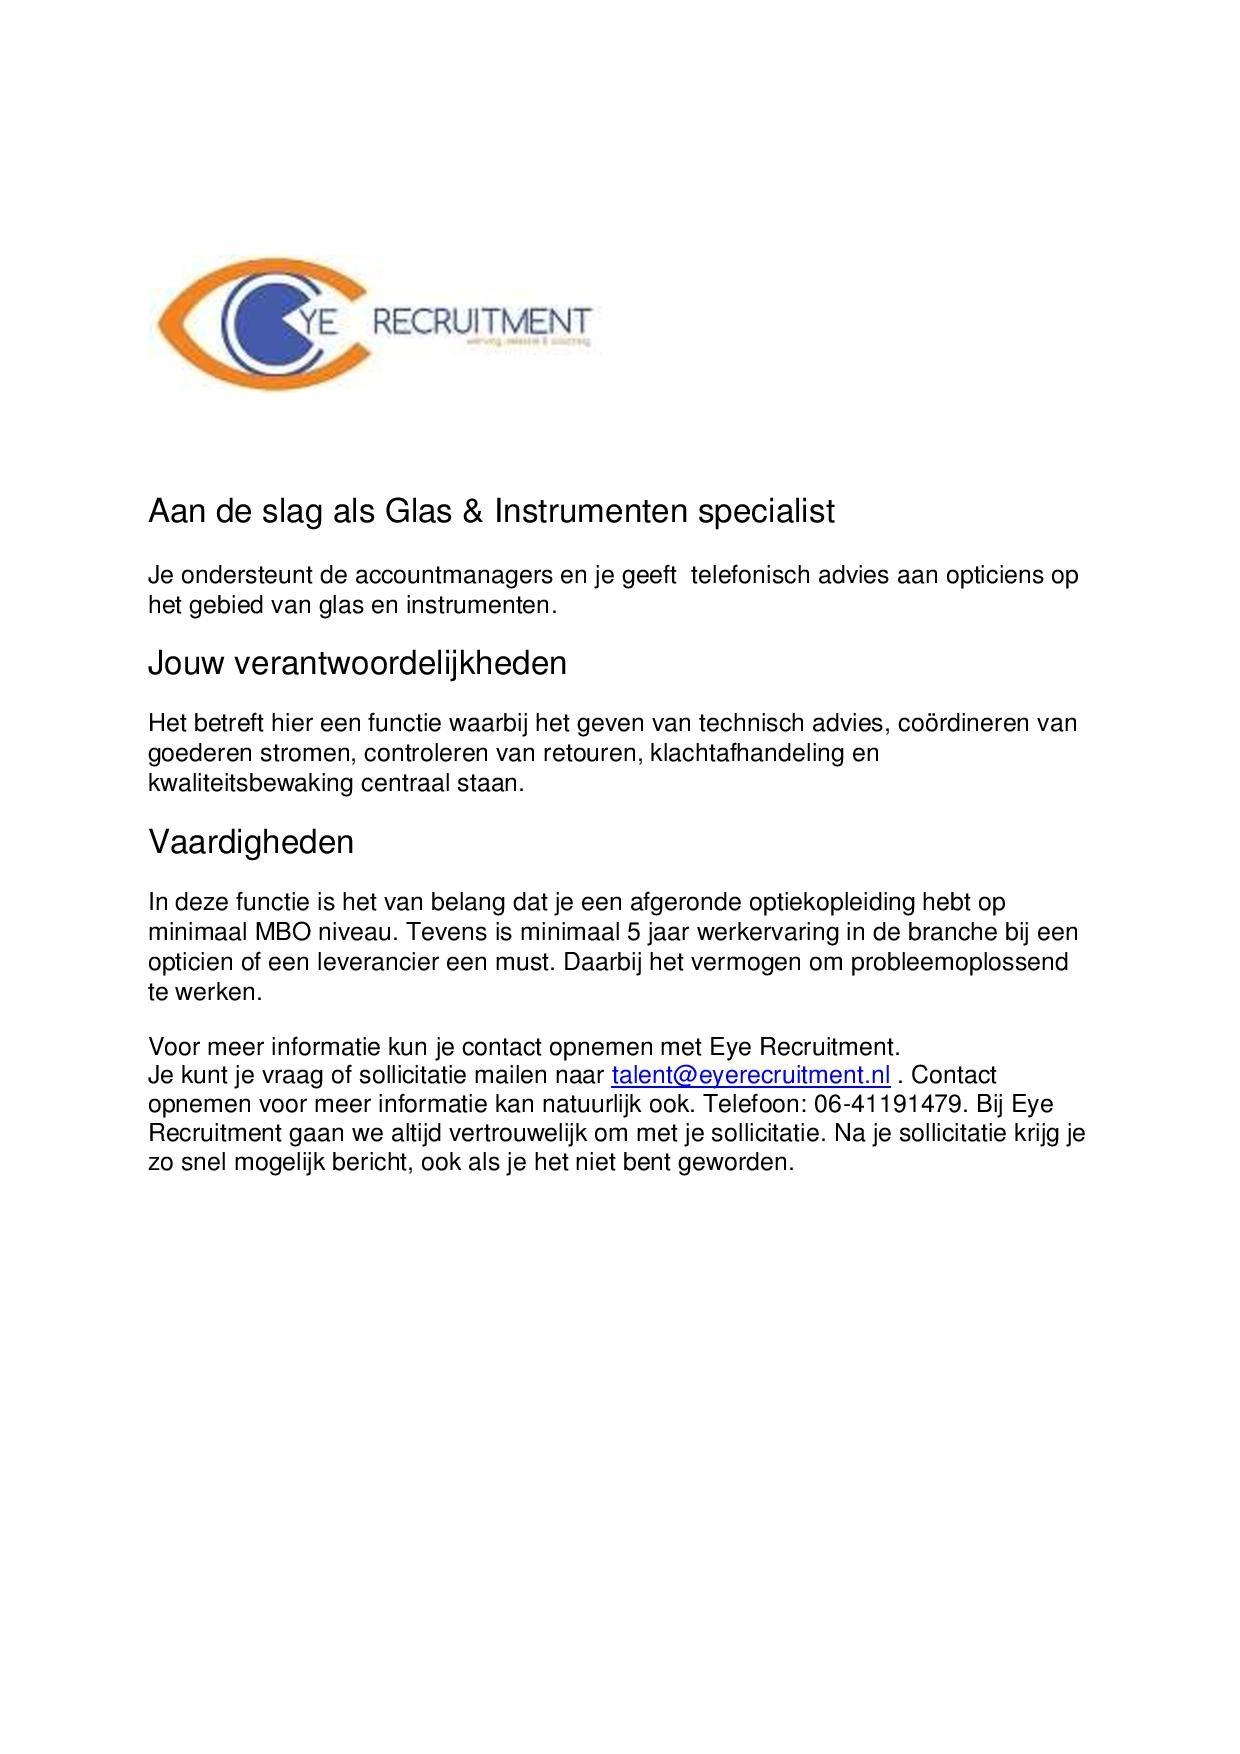 vacature Zeiss coordinator glas en instrumenten-page-001